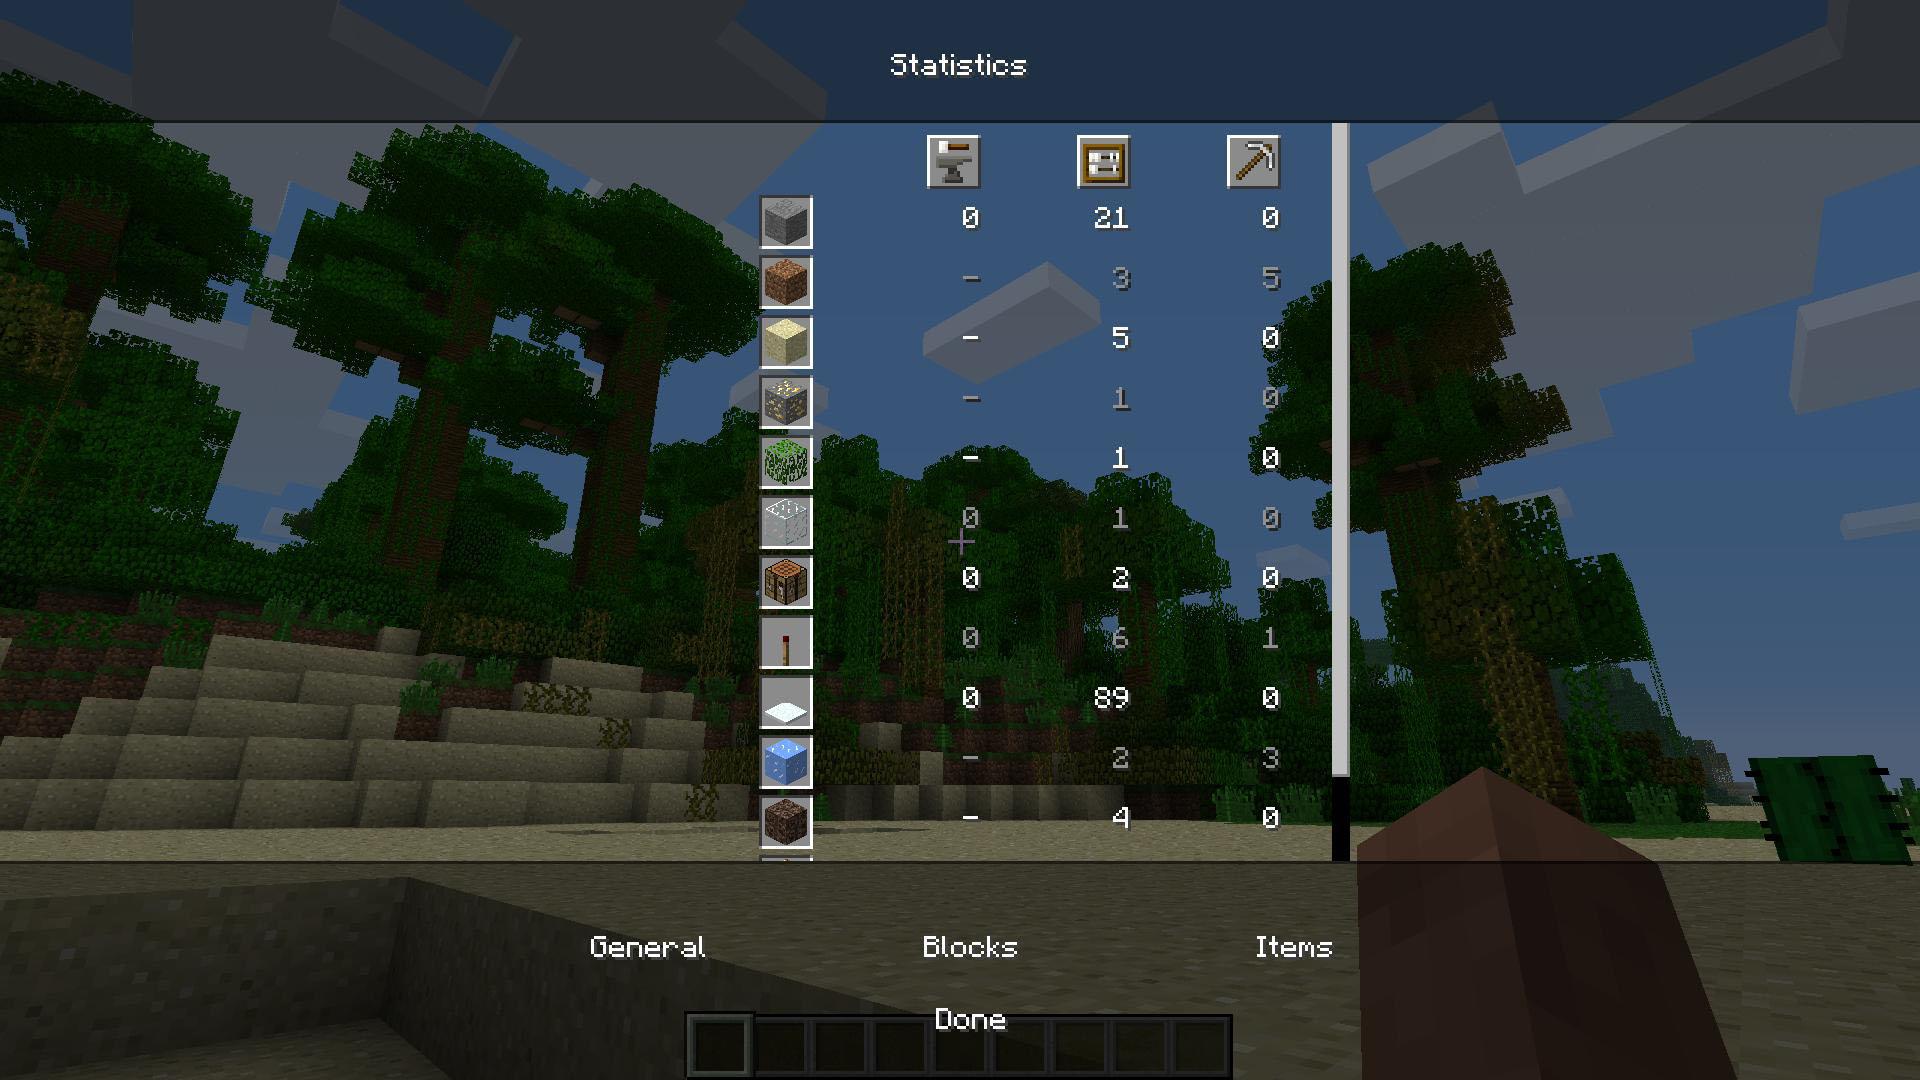 http://minecraft-forum.net/wp-content/uploads/2013/06/5d62b__Novamenu-Mod-6.jpg